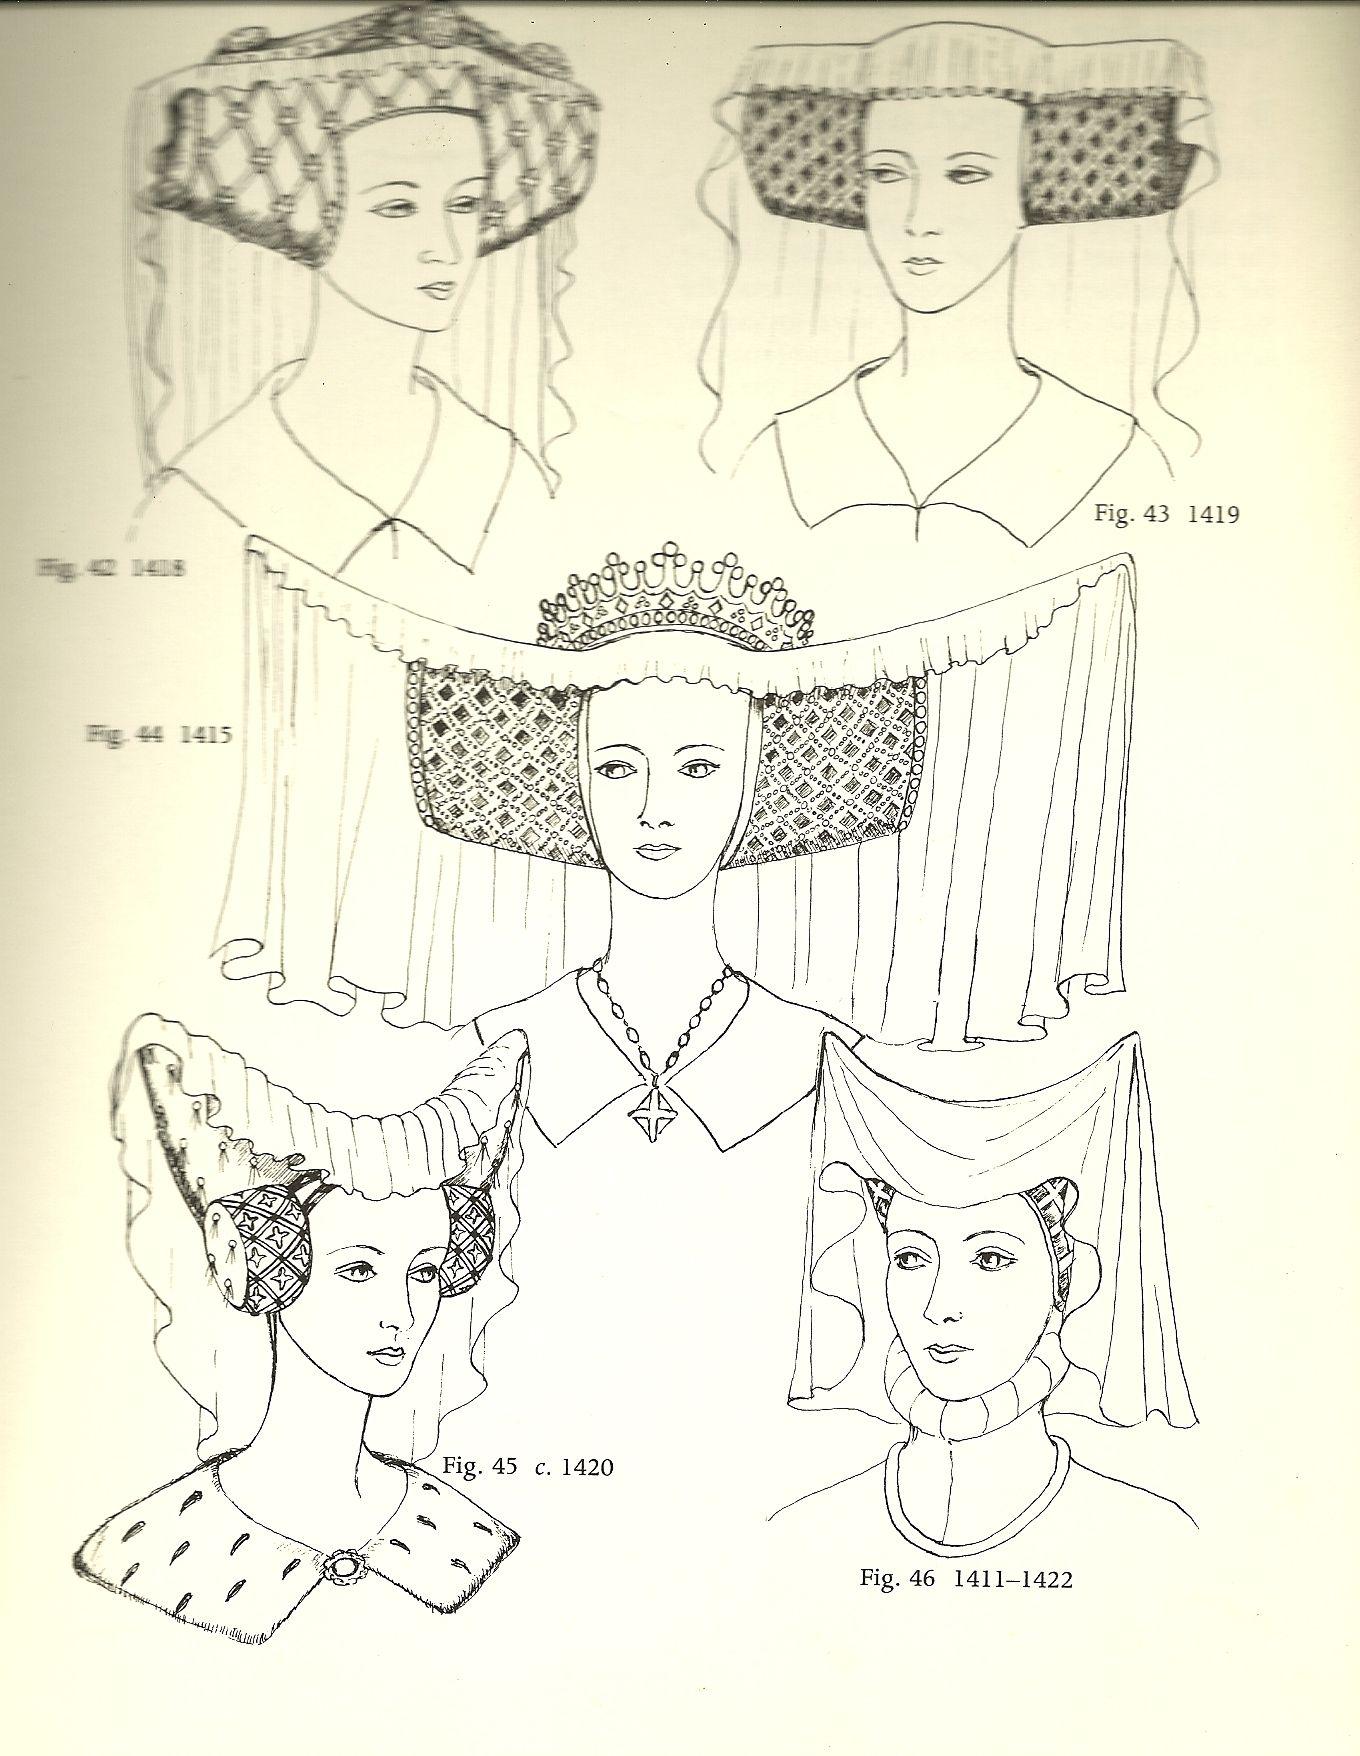 Banging peinados edad media Colección De Consejos De Color De Pelo - 15 Peinados De La Edad Media | Las Mejores Imágenes de ...